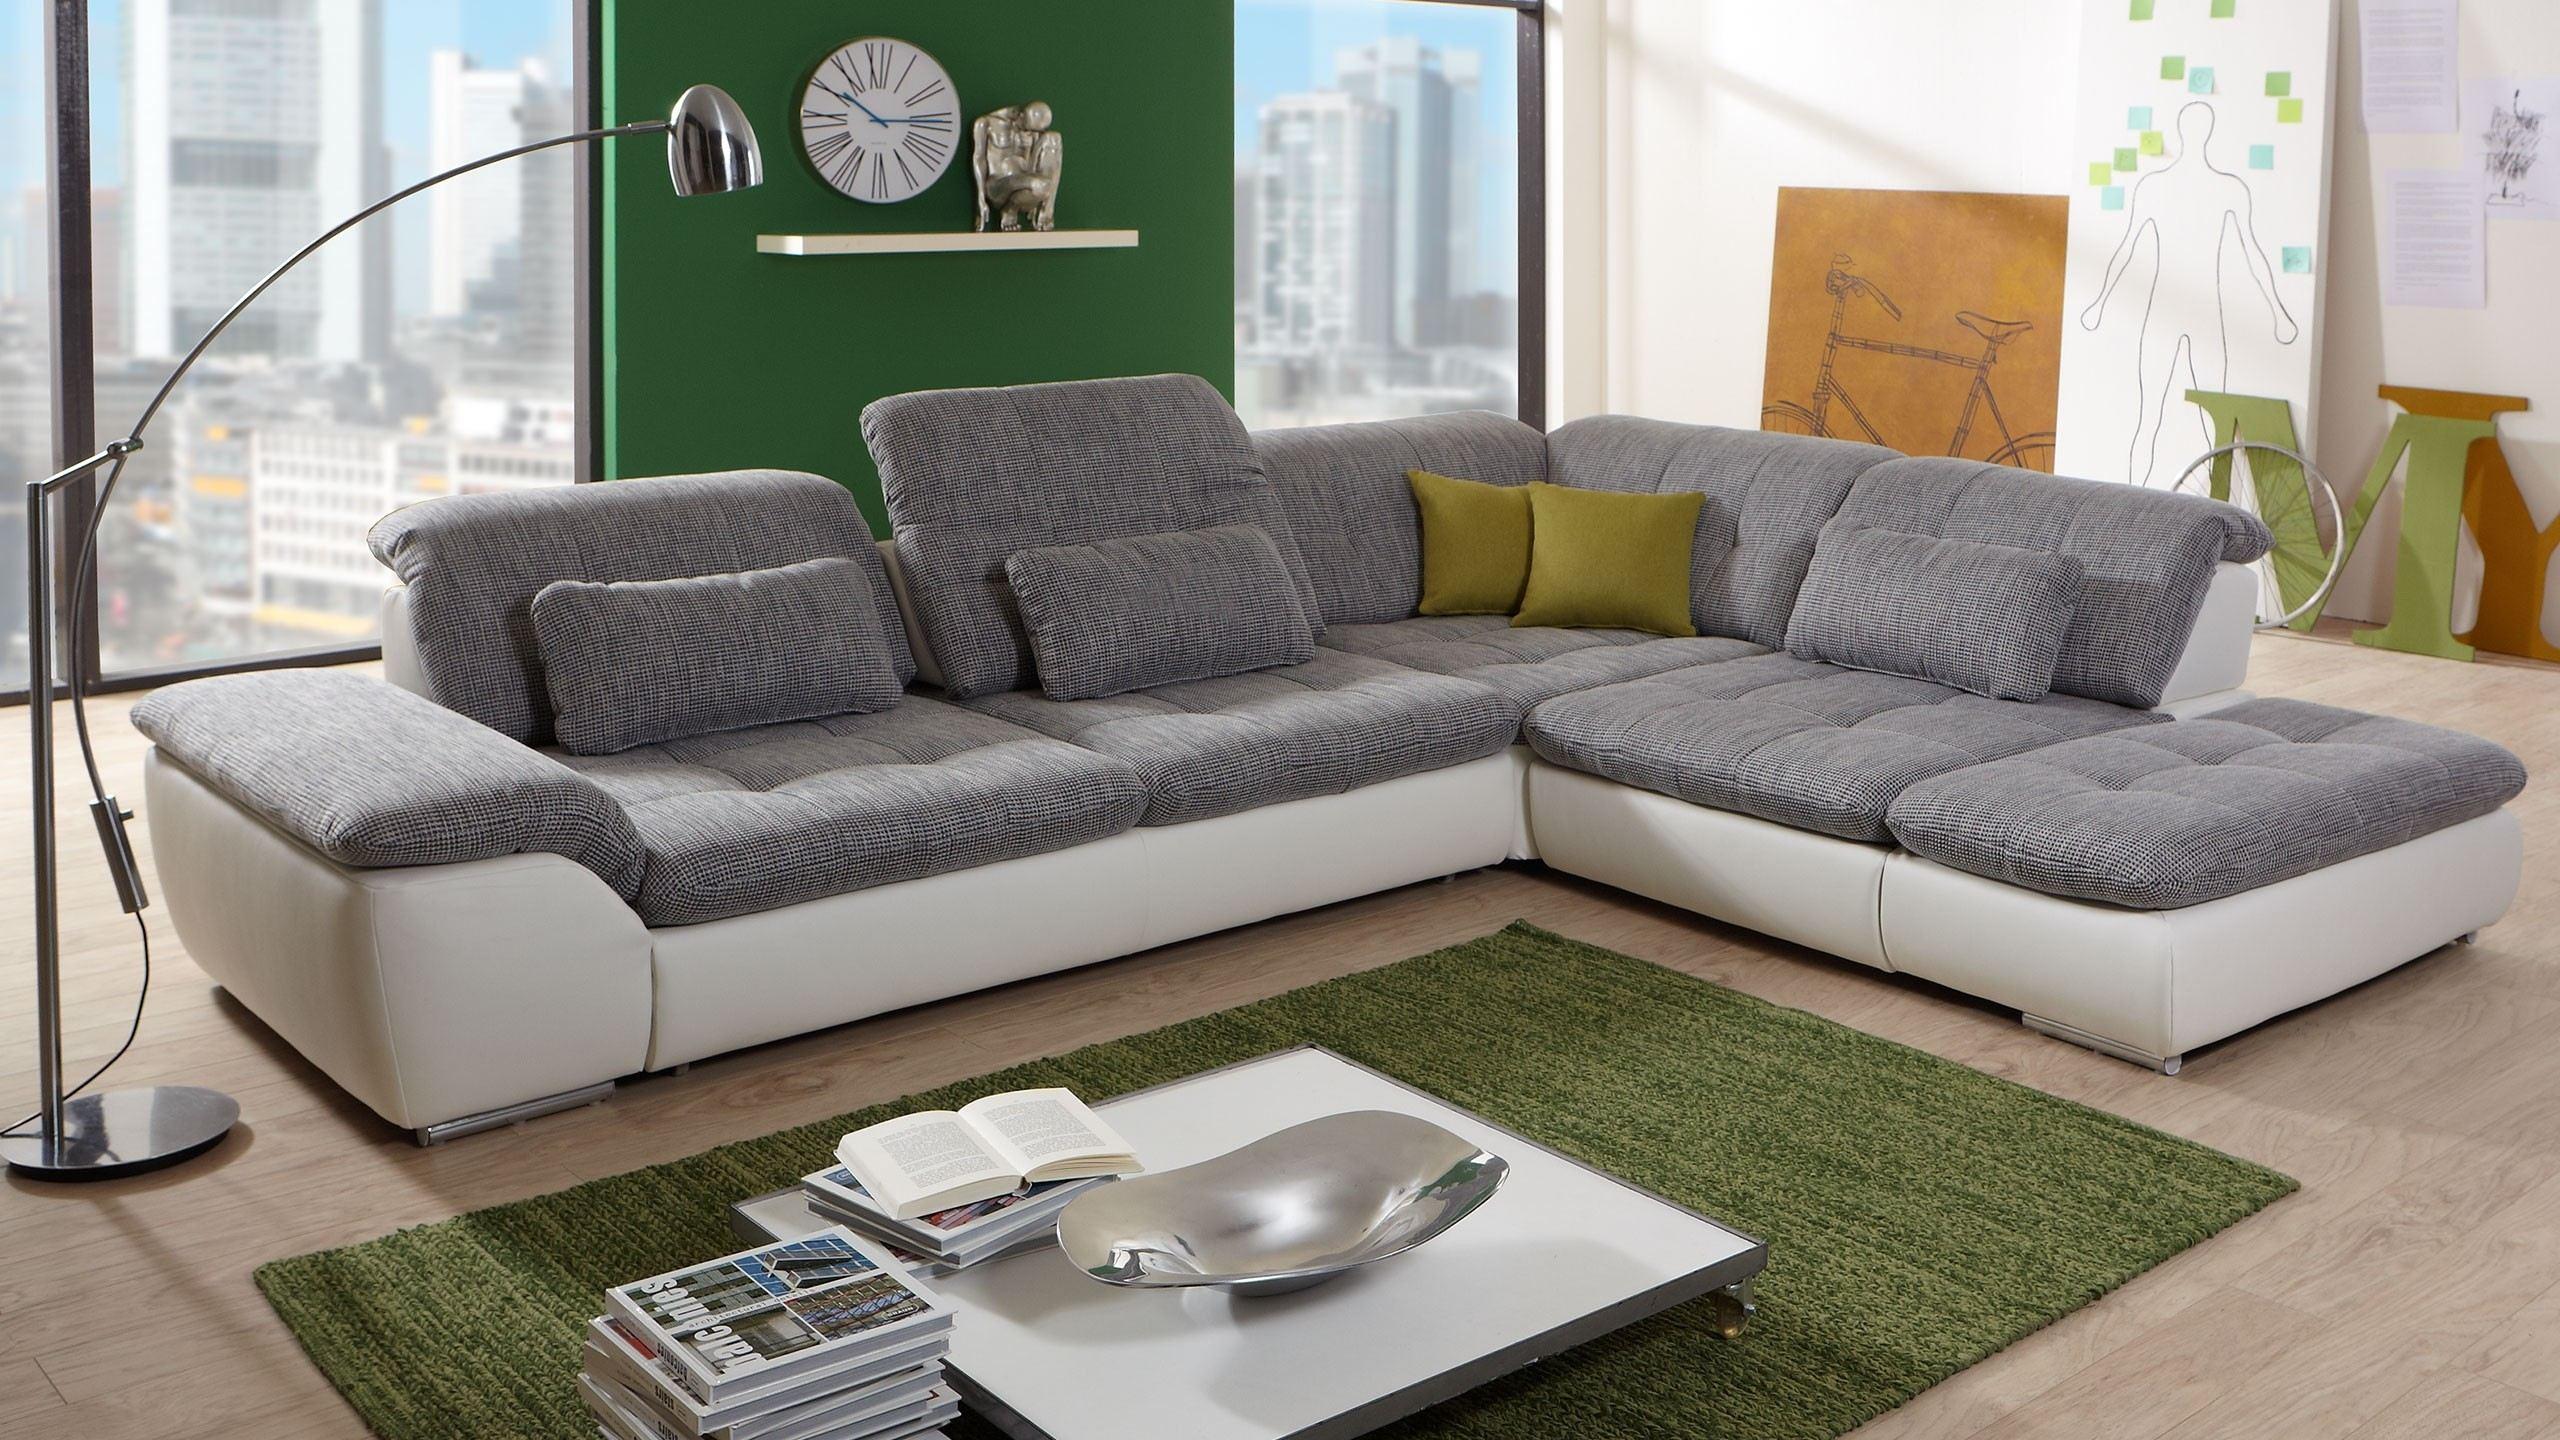 innovation ecksofa ecksofas sortiment multipolster. Black Bedroom Furniture Sets. Home Design Ideas